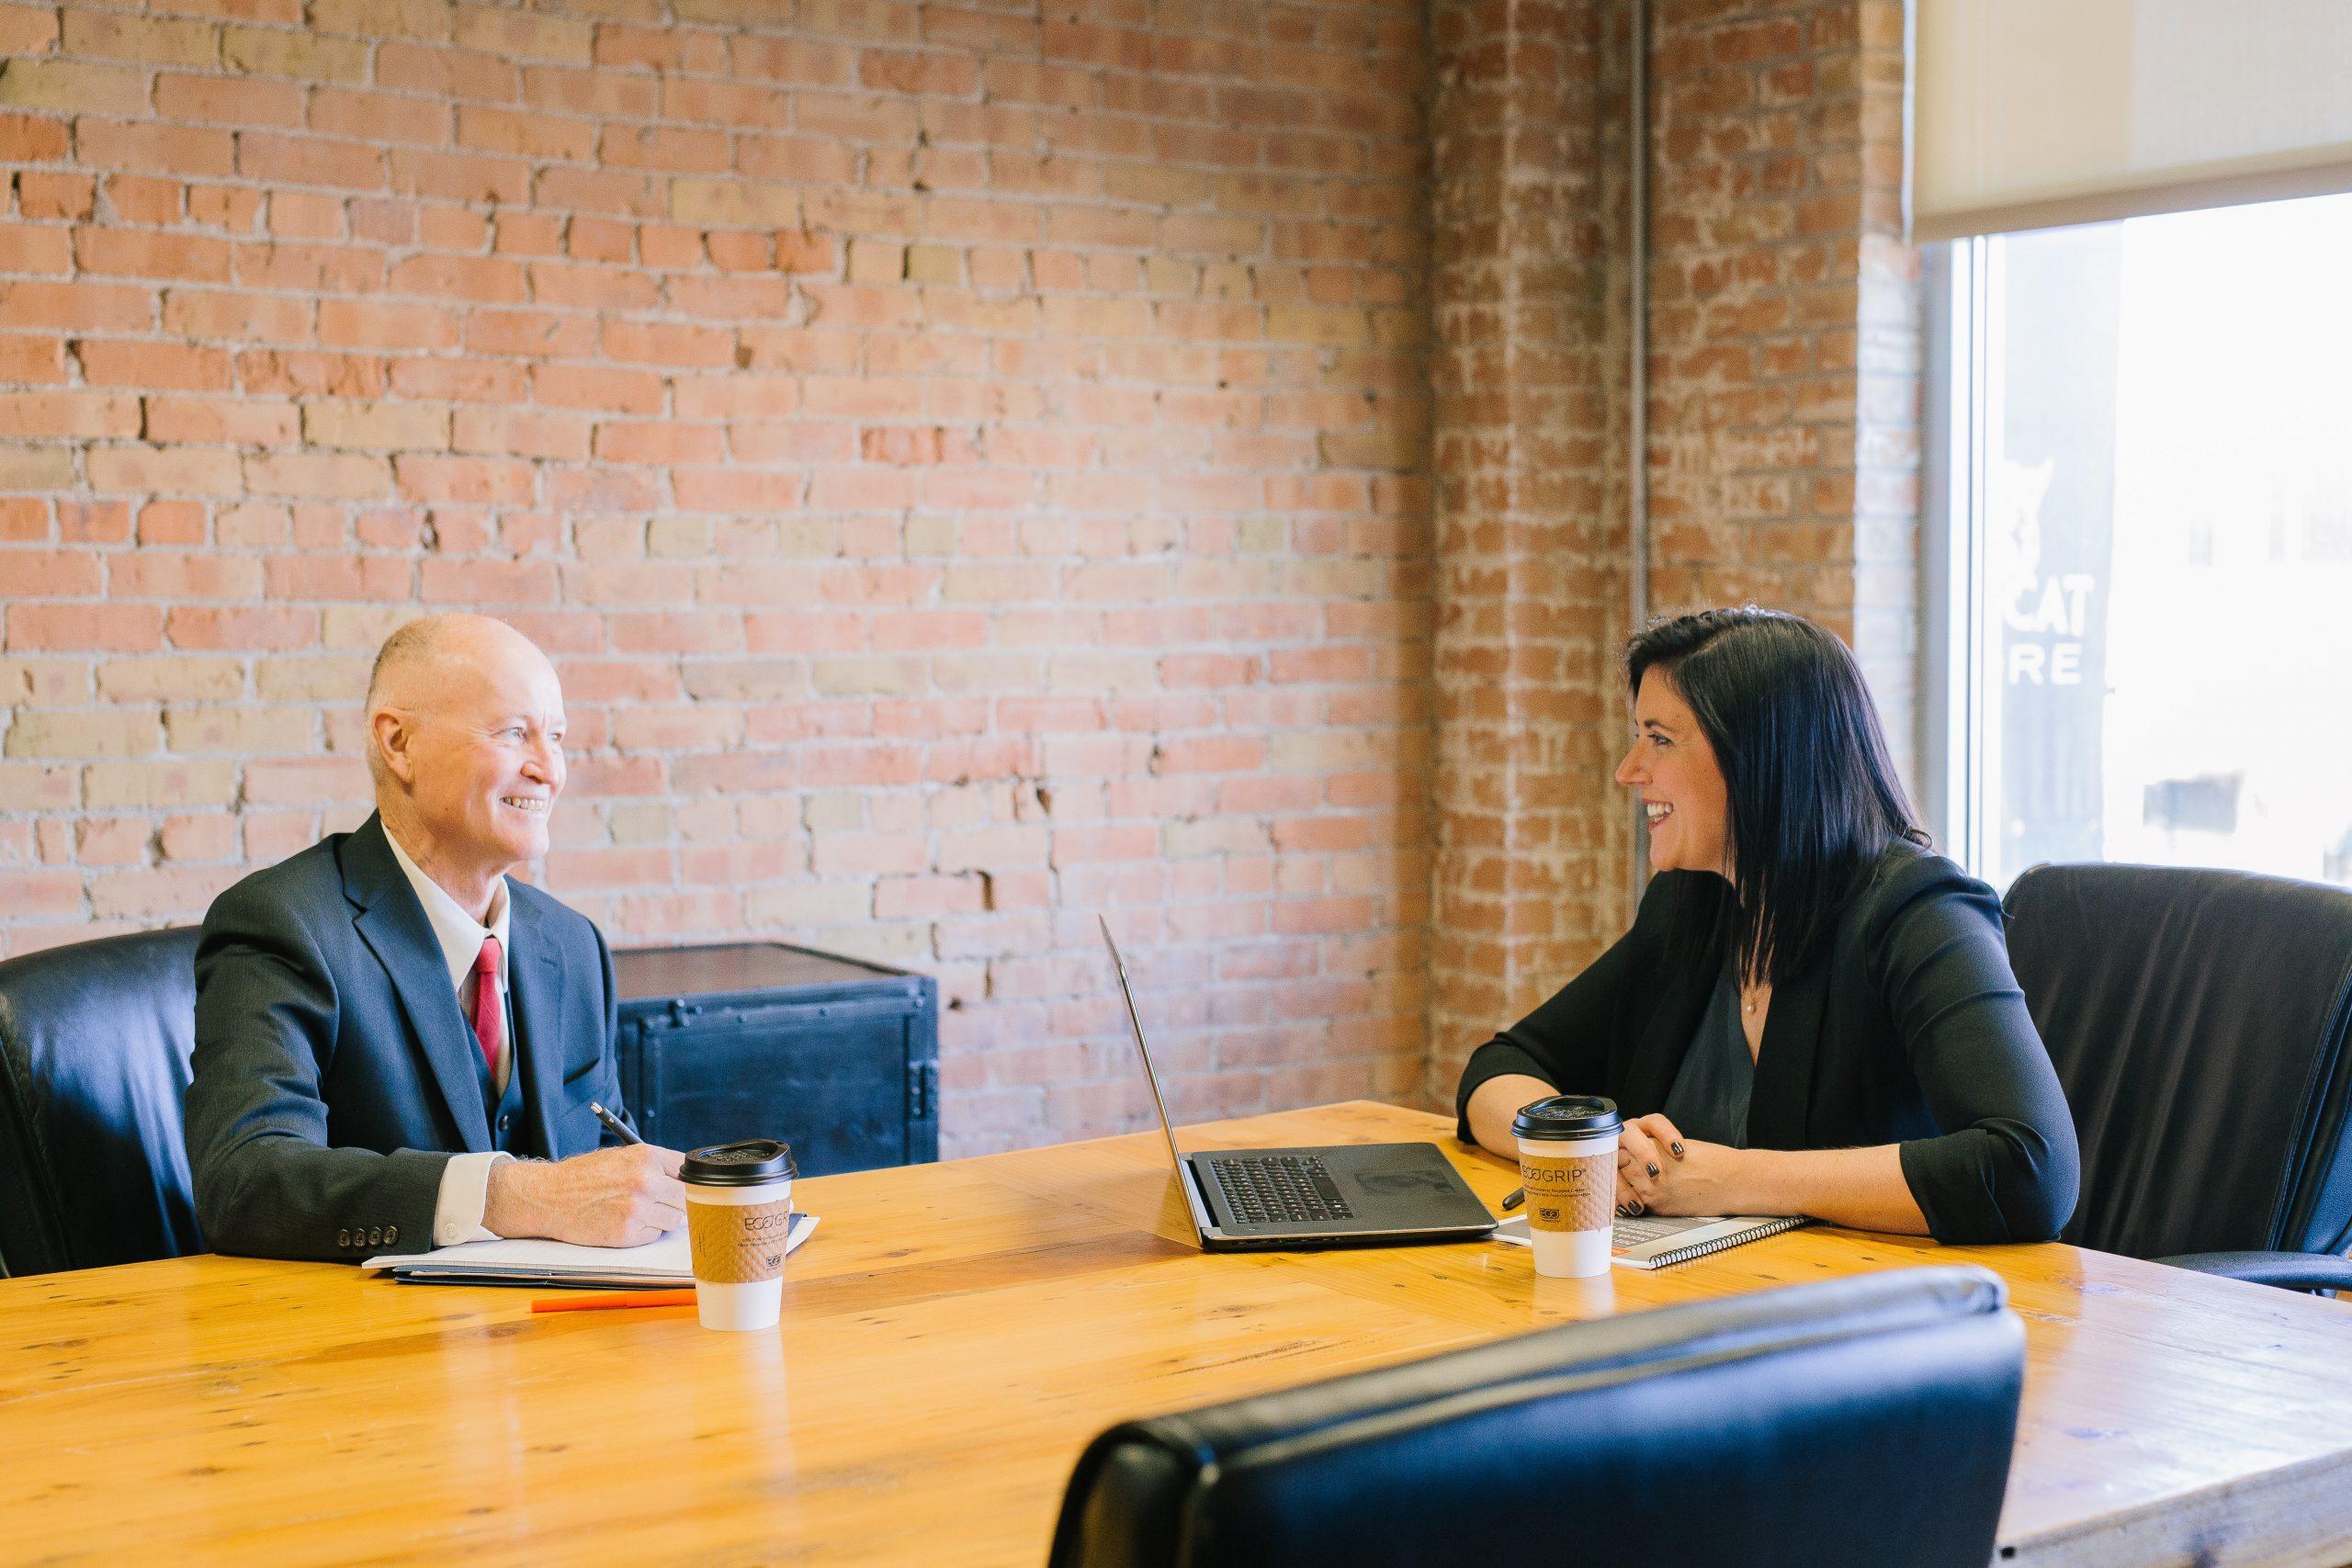 Met werkgever in gesprek